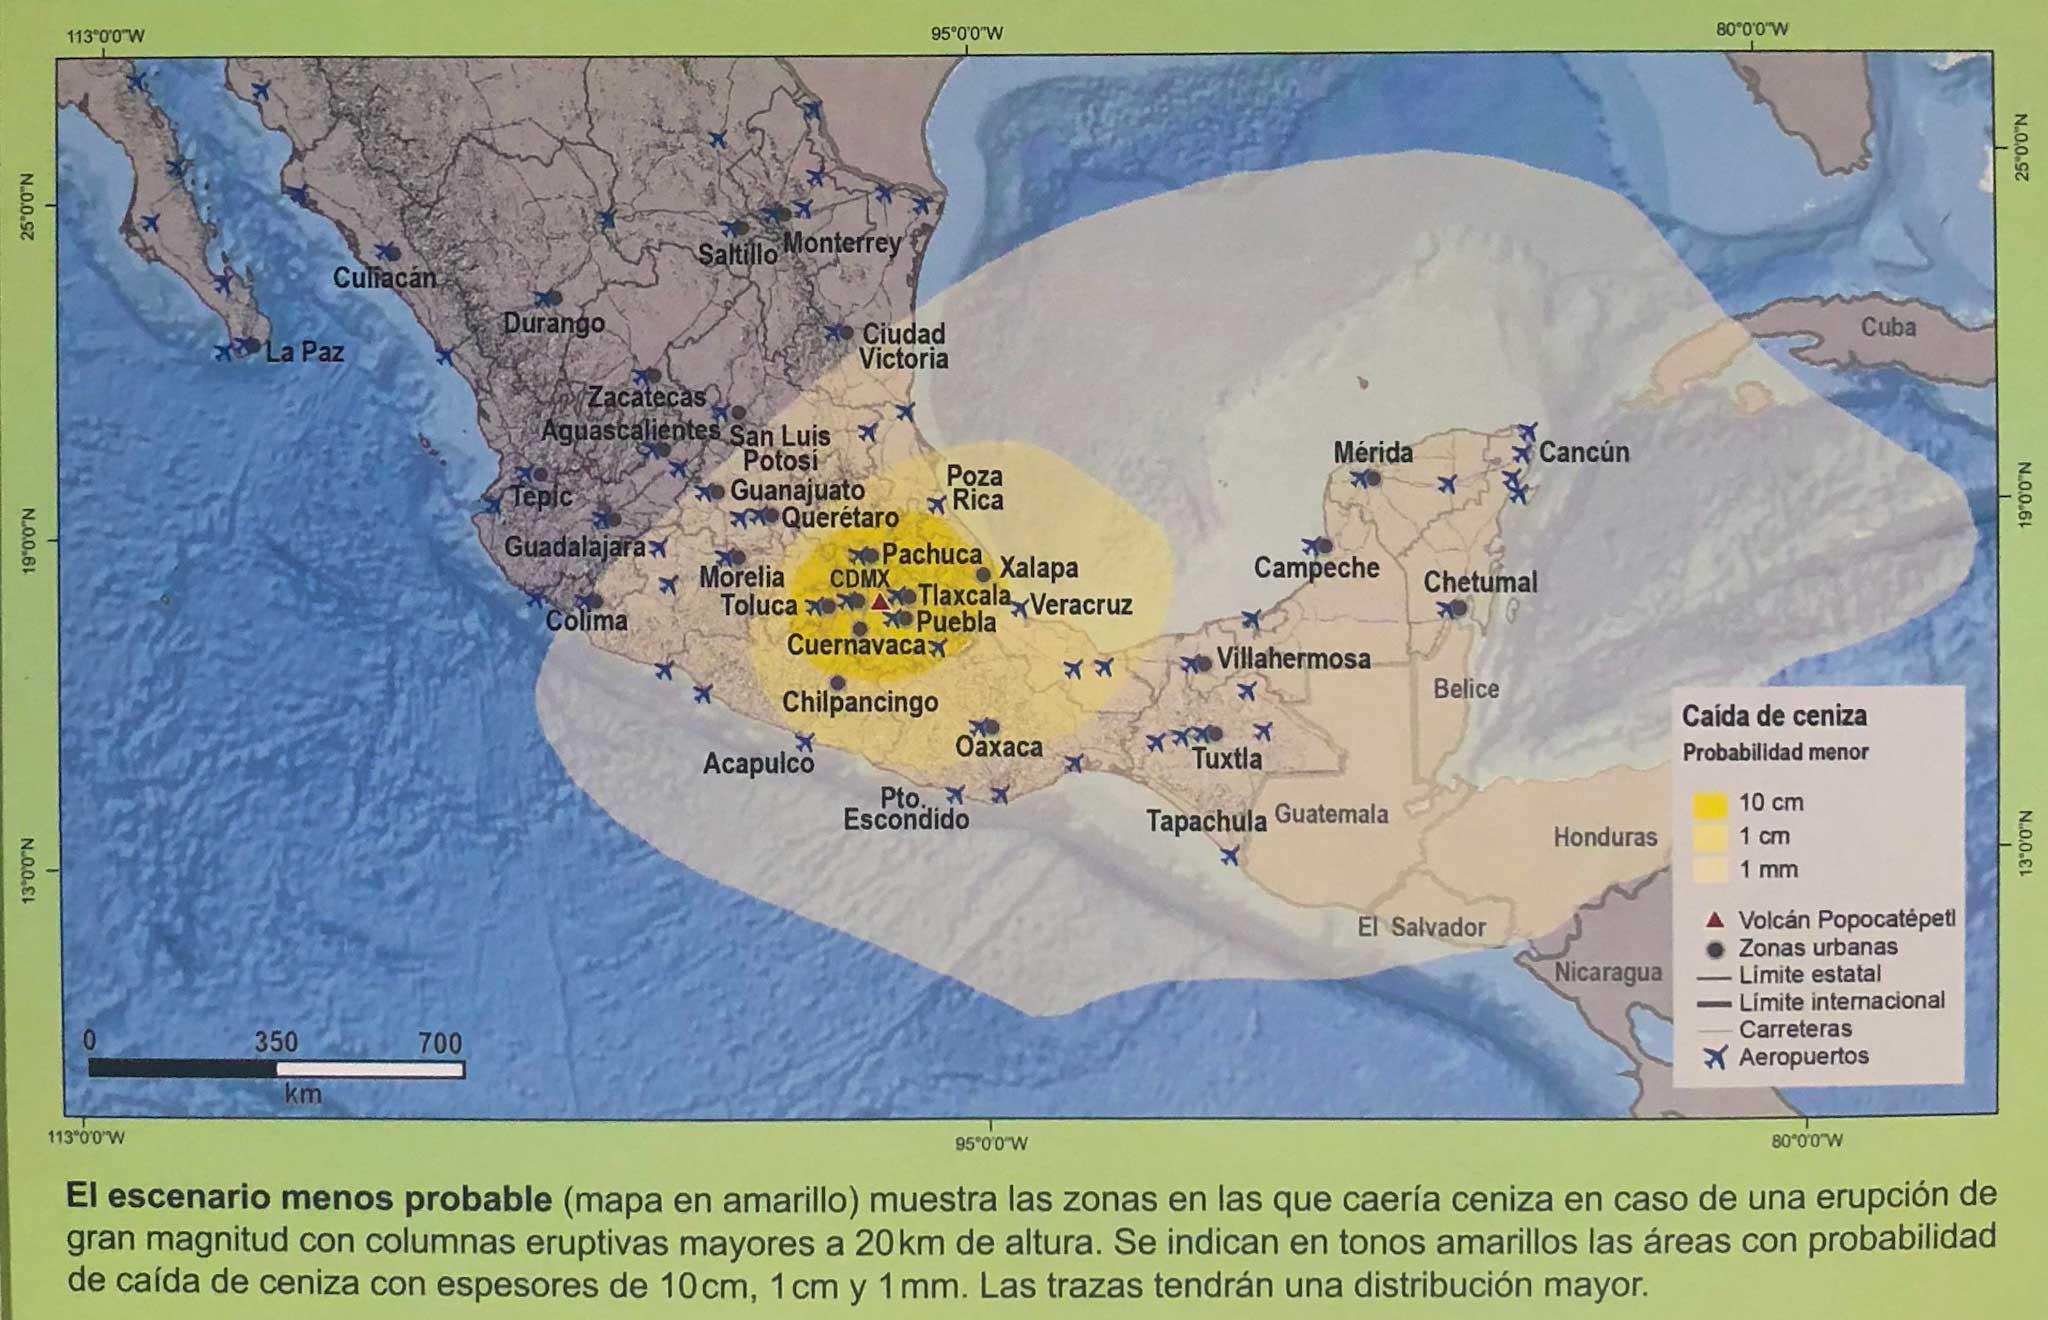 mapa de peligros del volcÁn popocatÉpetl - nepantla mx